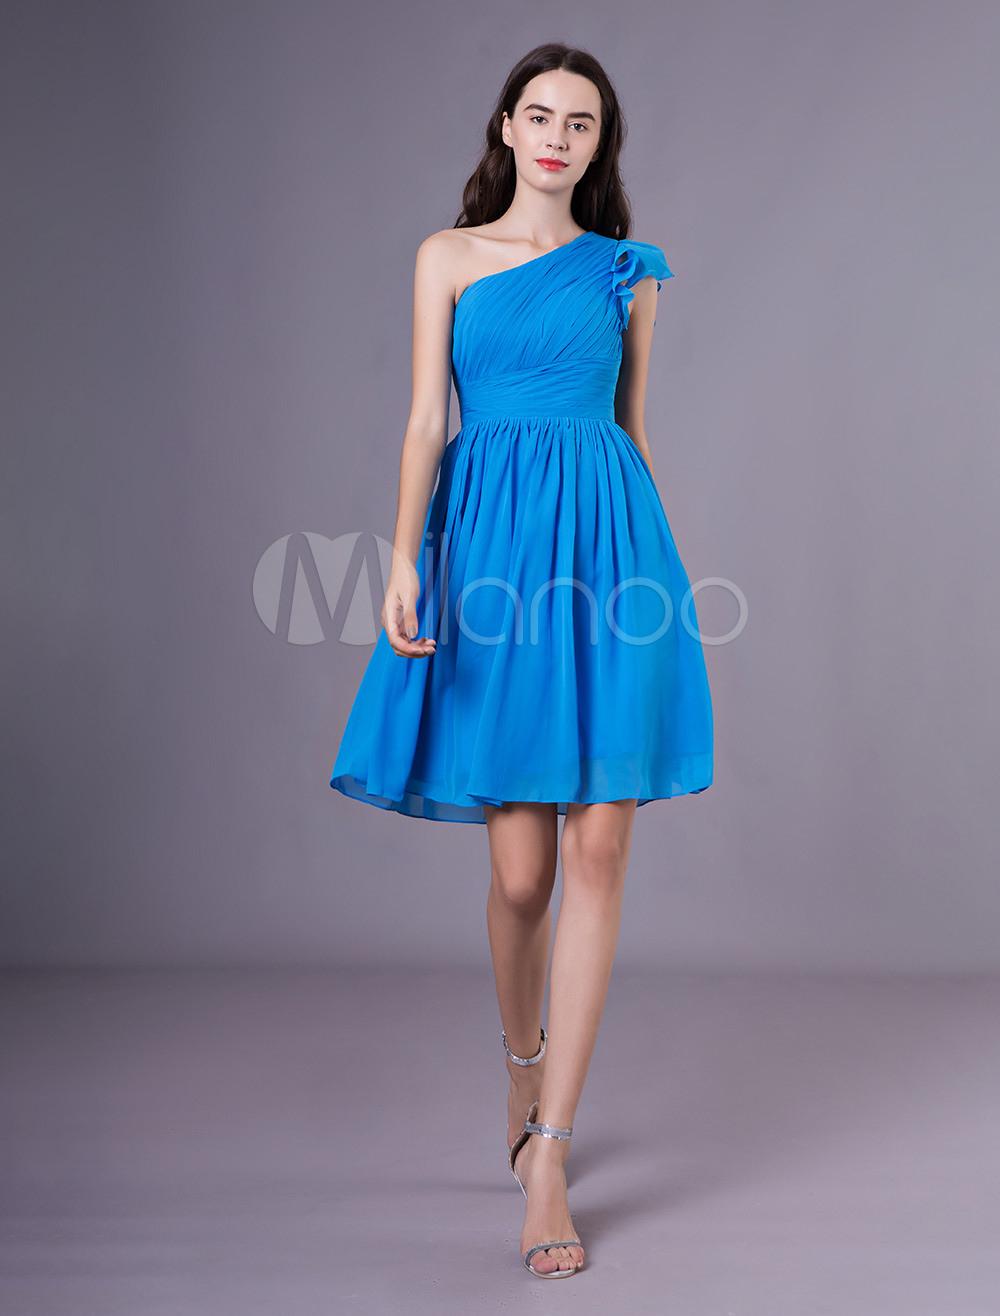 Kurze Brautjungfer Kleider Blau One Shoulder Plissee Chiffon Hochzeit Kleid